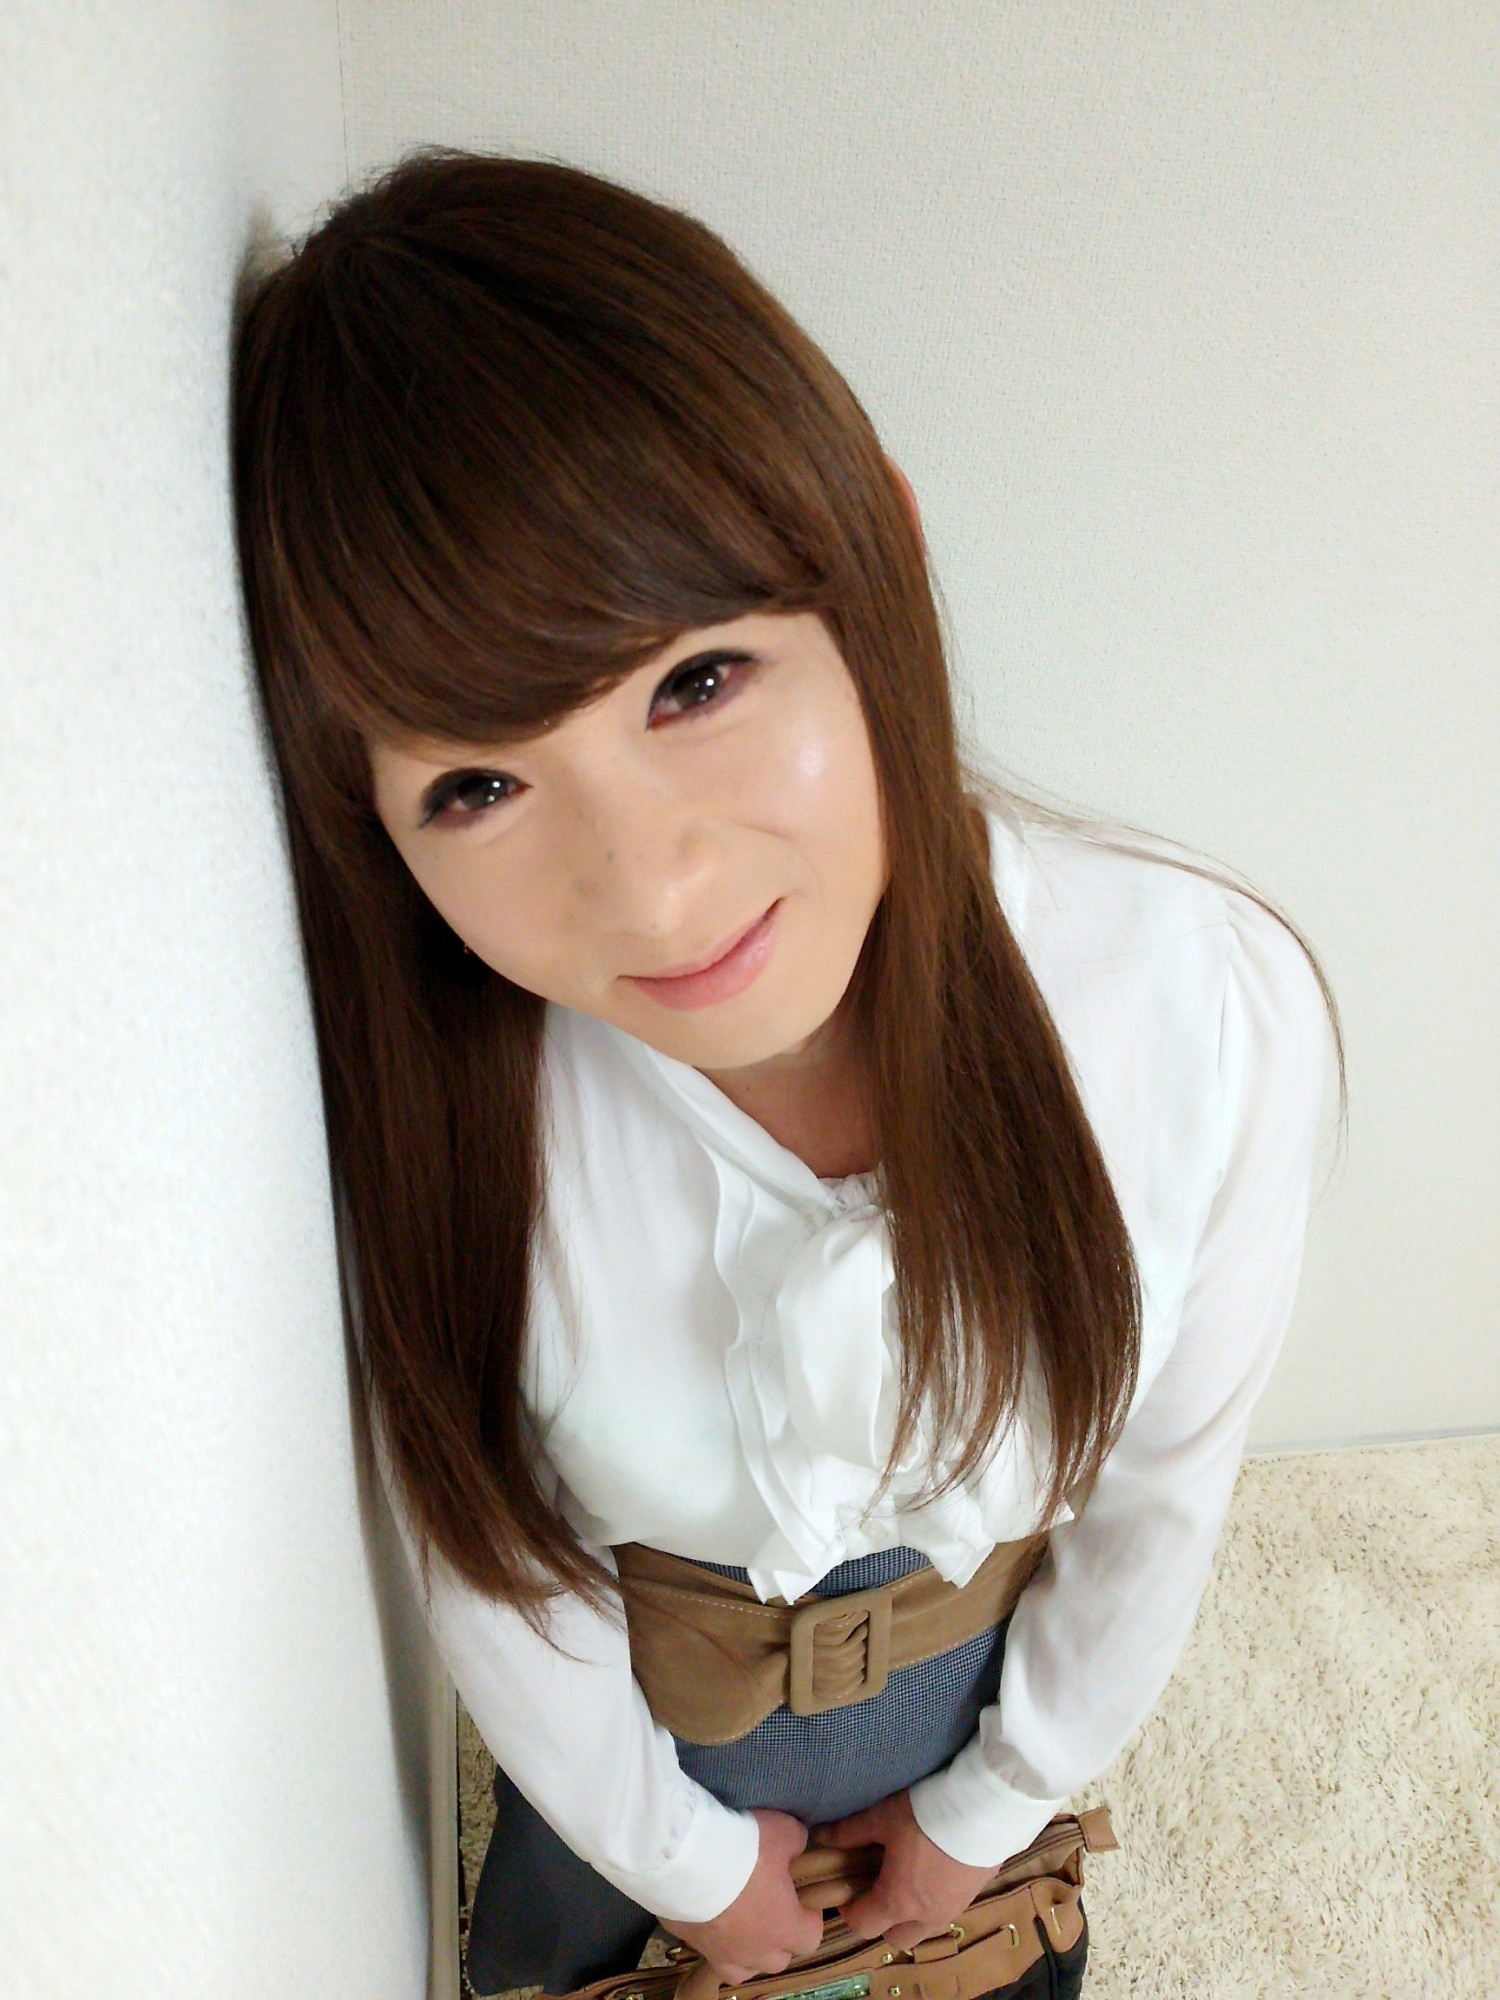 美容家・保志エリカ開発の凄腕女装美容術・いちかちゃん動画も公開!(*´ω`*)